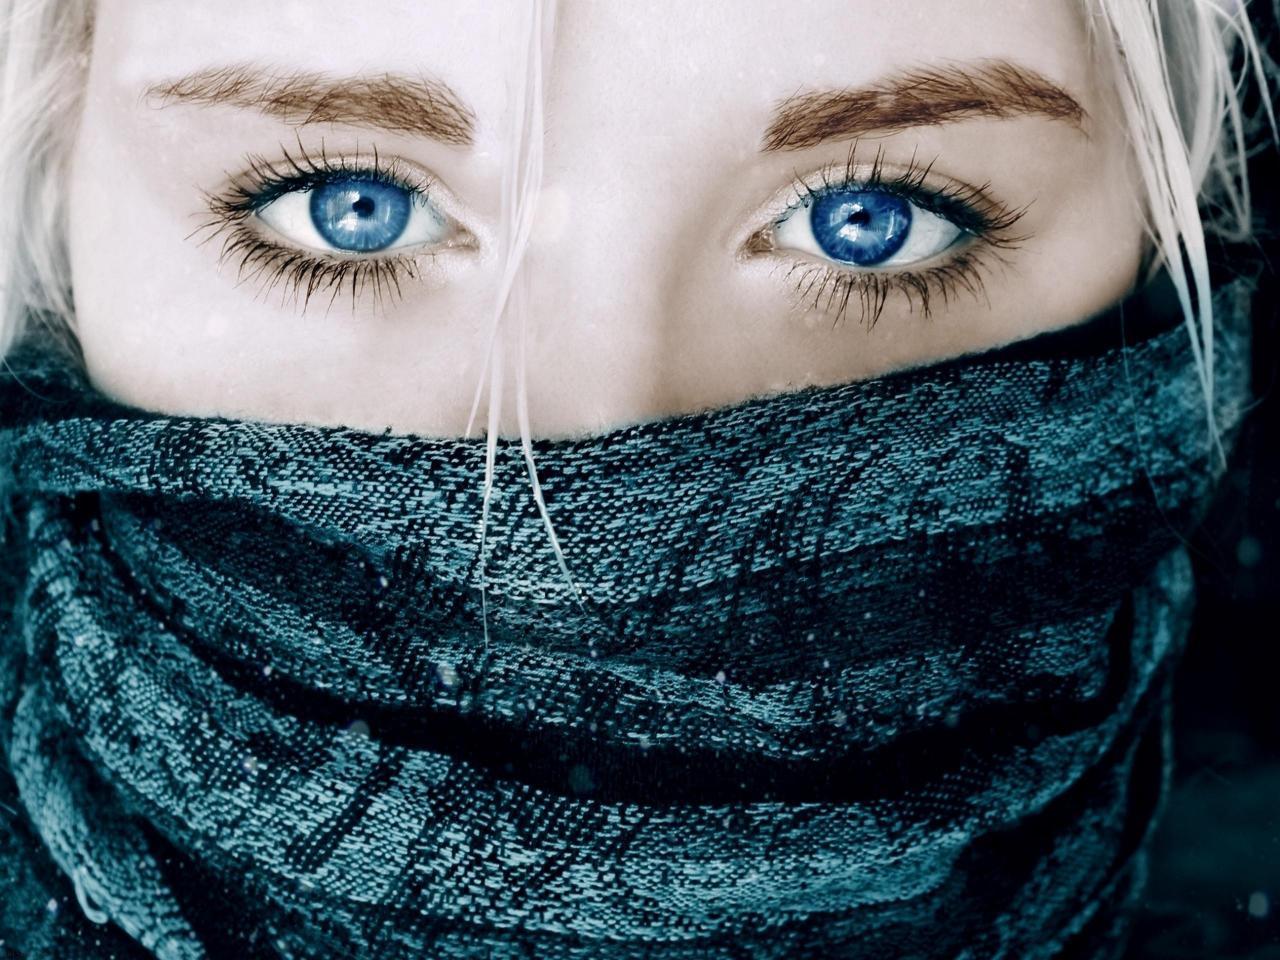 صورة عيون زرقاء , صور اعين باللون الازرق